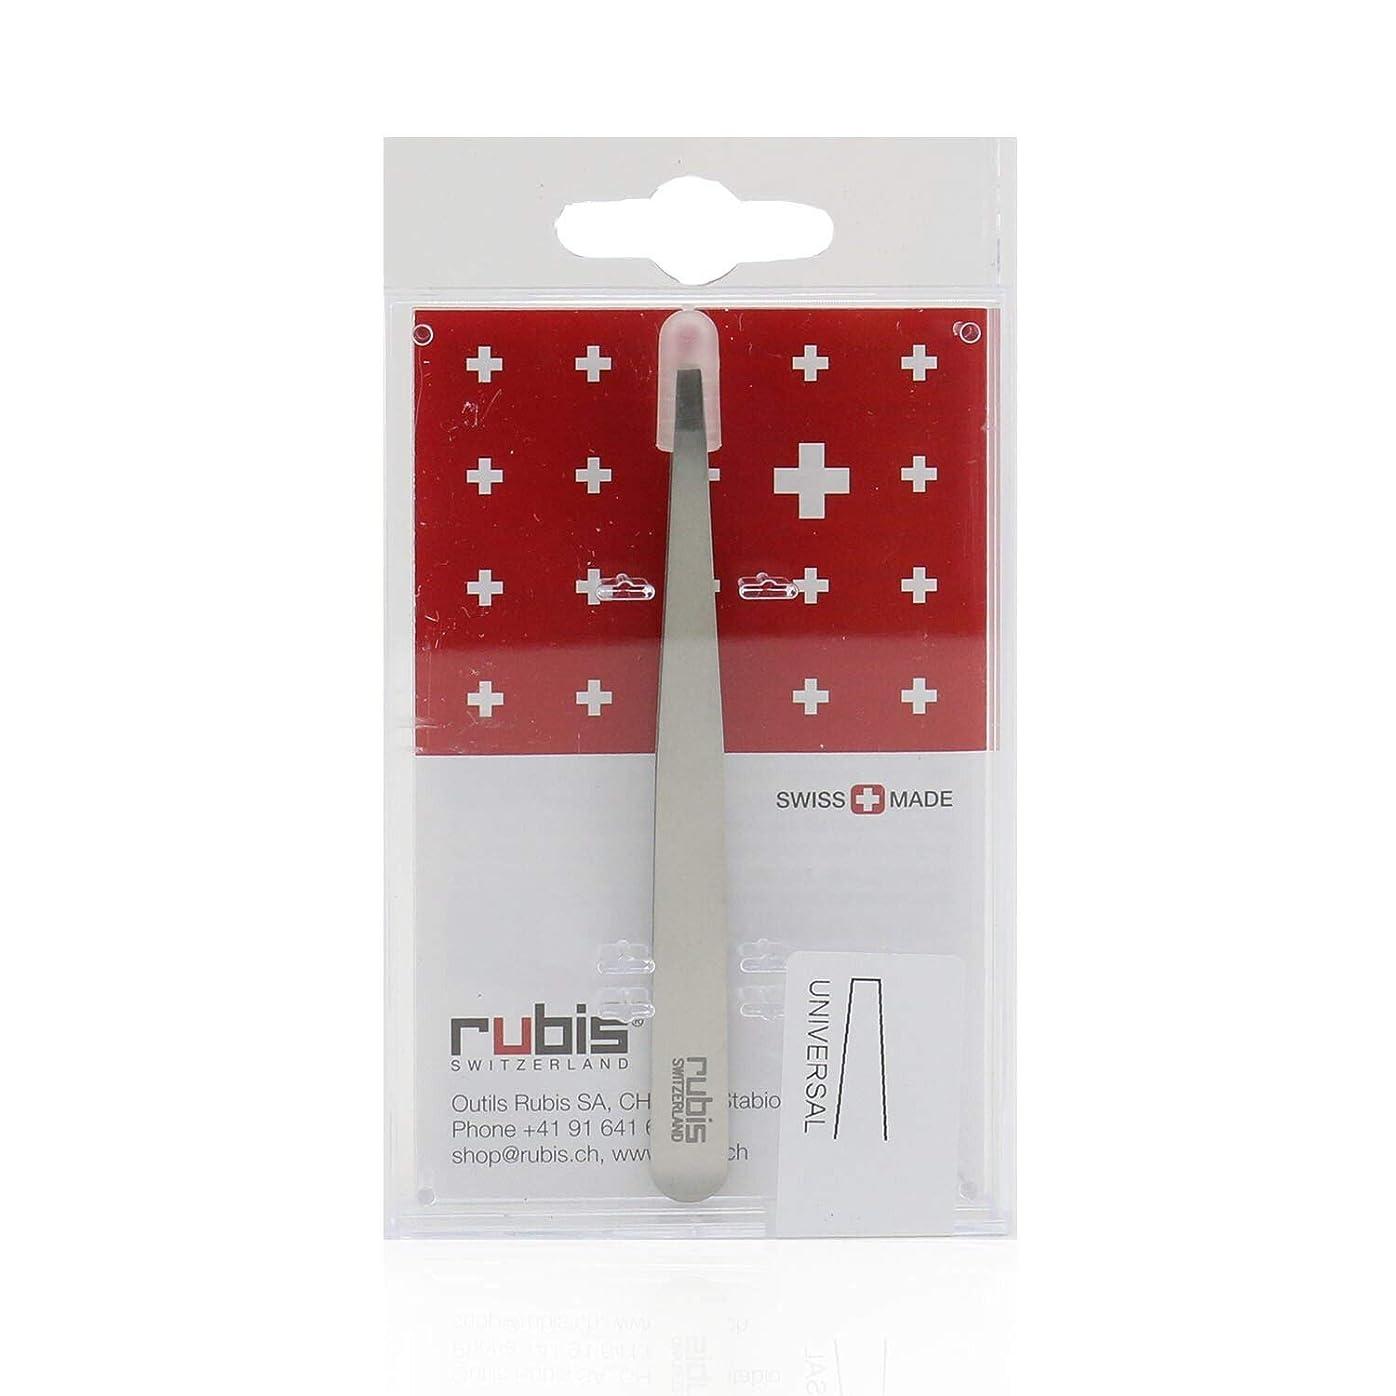 アダルト旅行楽しいスイス?rubis(ルビス)社 ツイーザー?ユニバーサル 1K302-CD